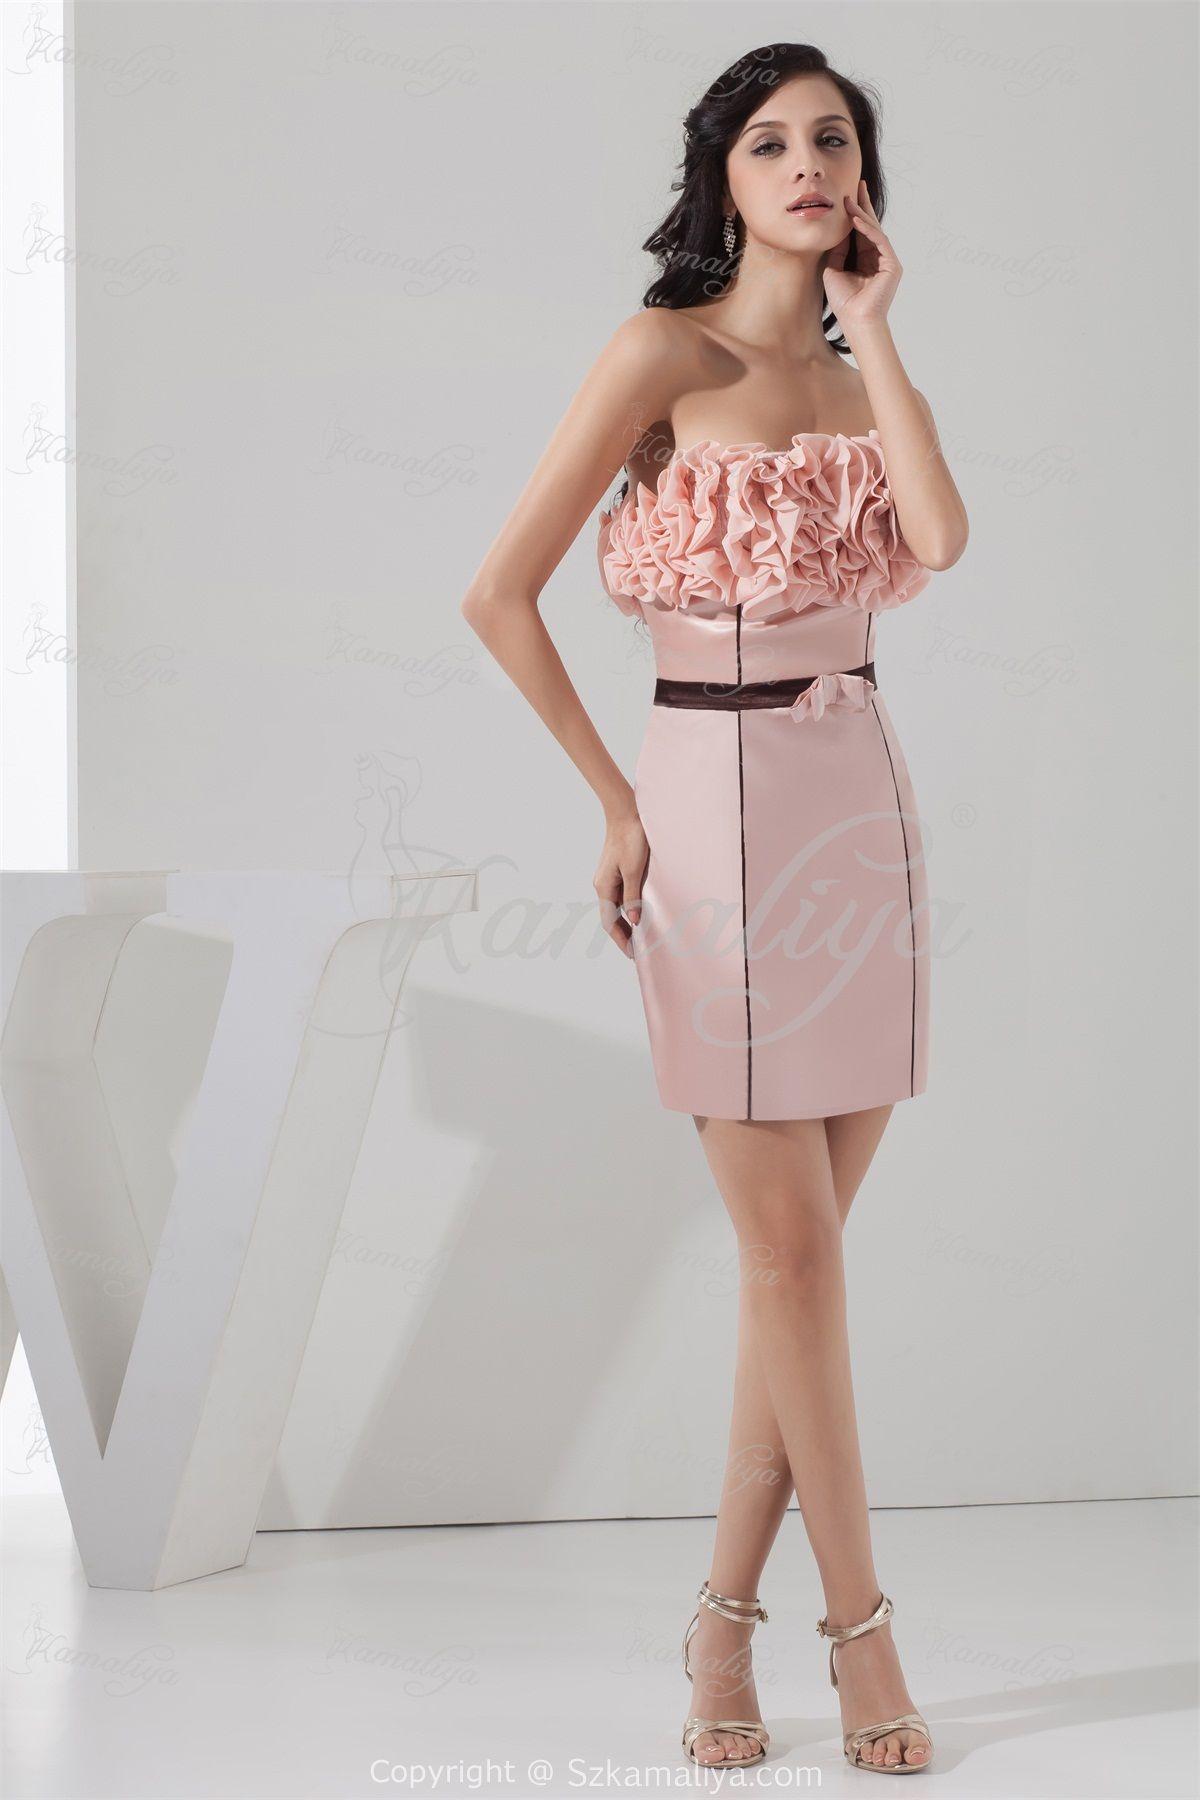 Pin by deborah sirois on pink fancy pinterest fancy